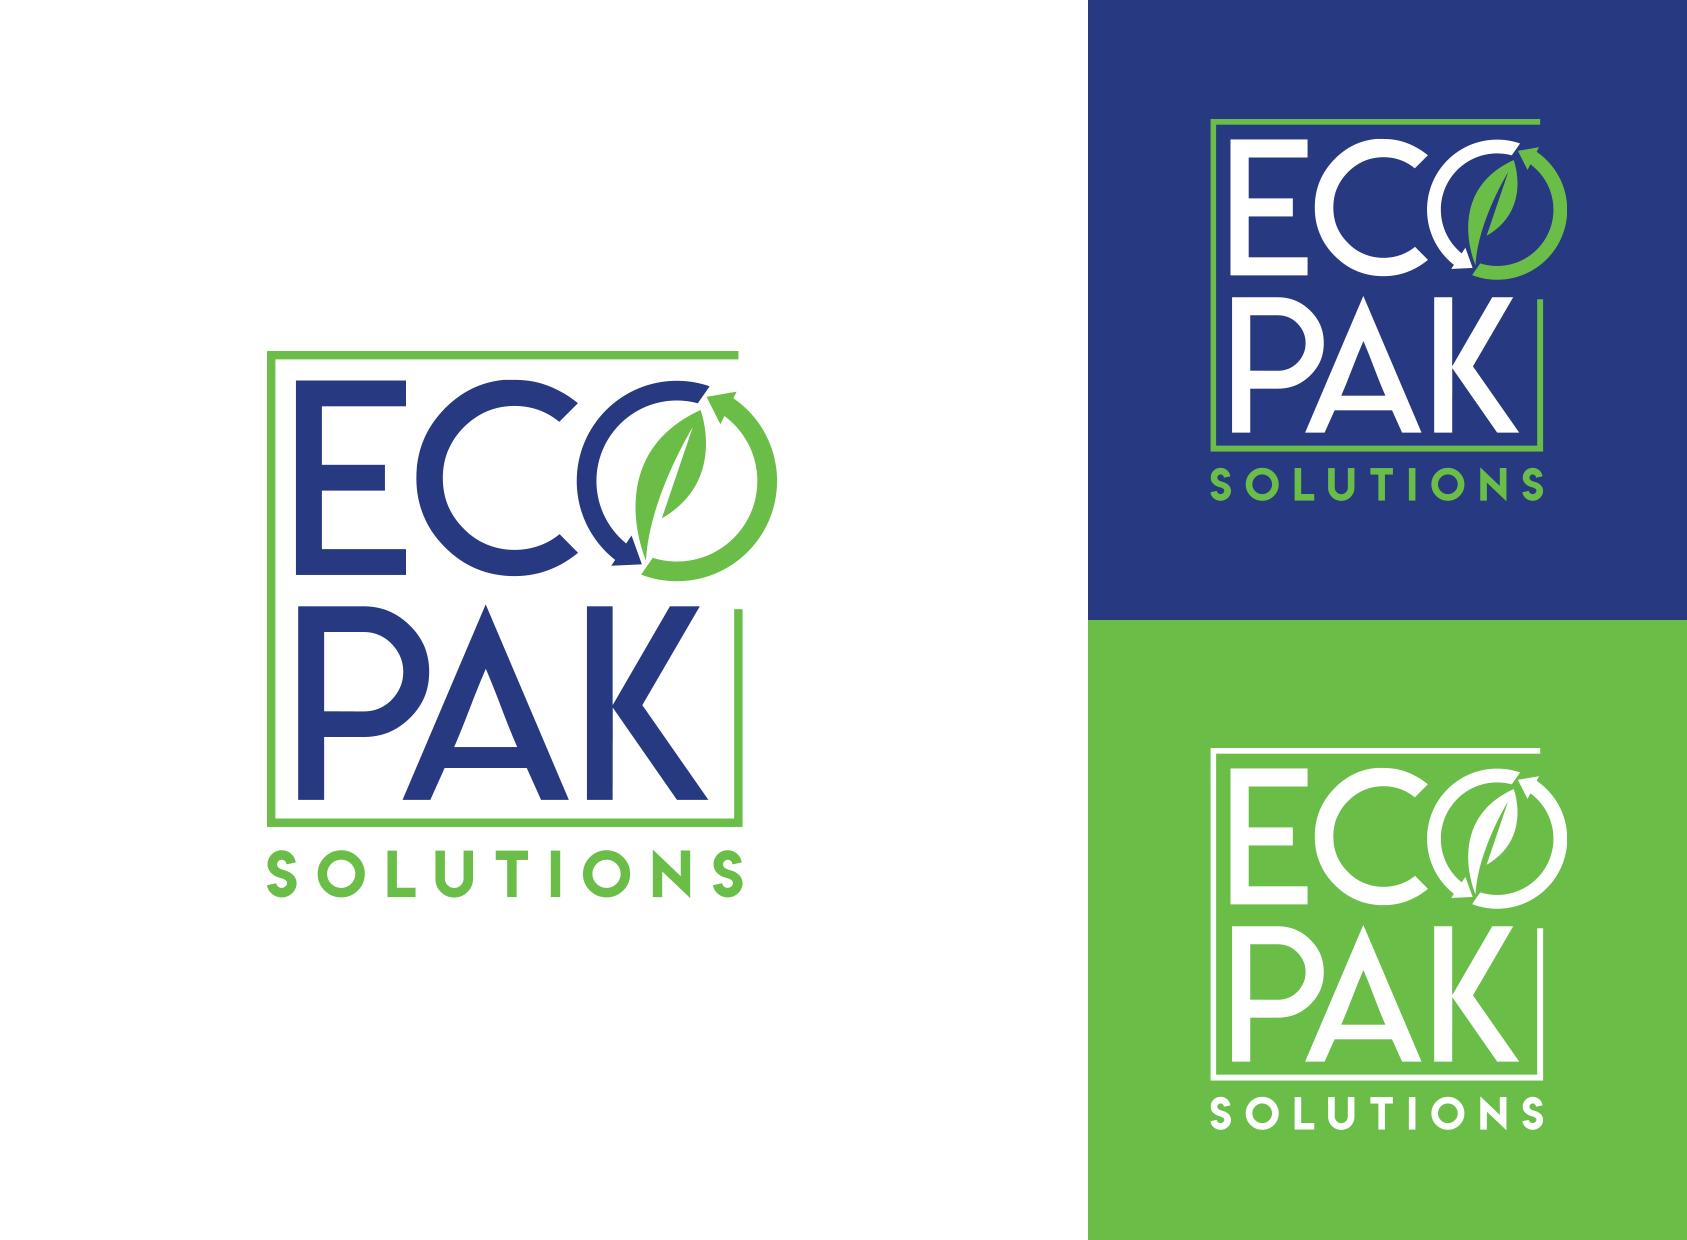 logo brand design packaging